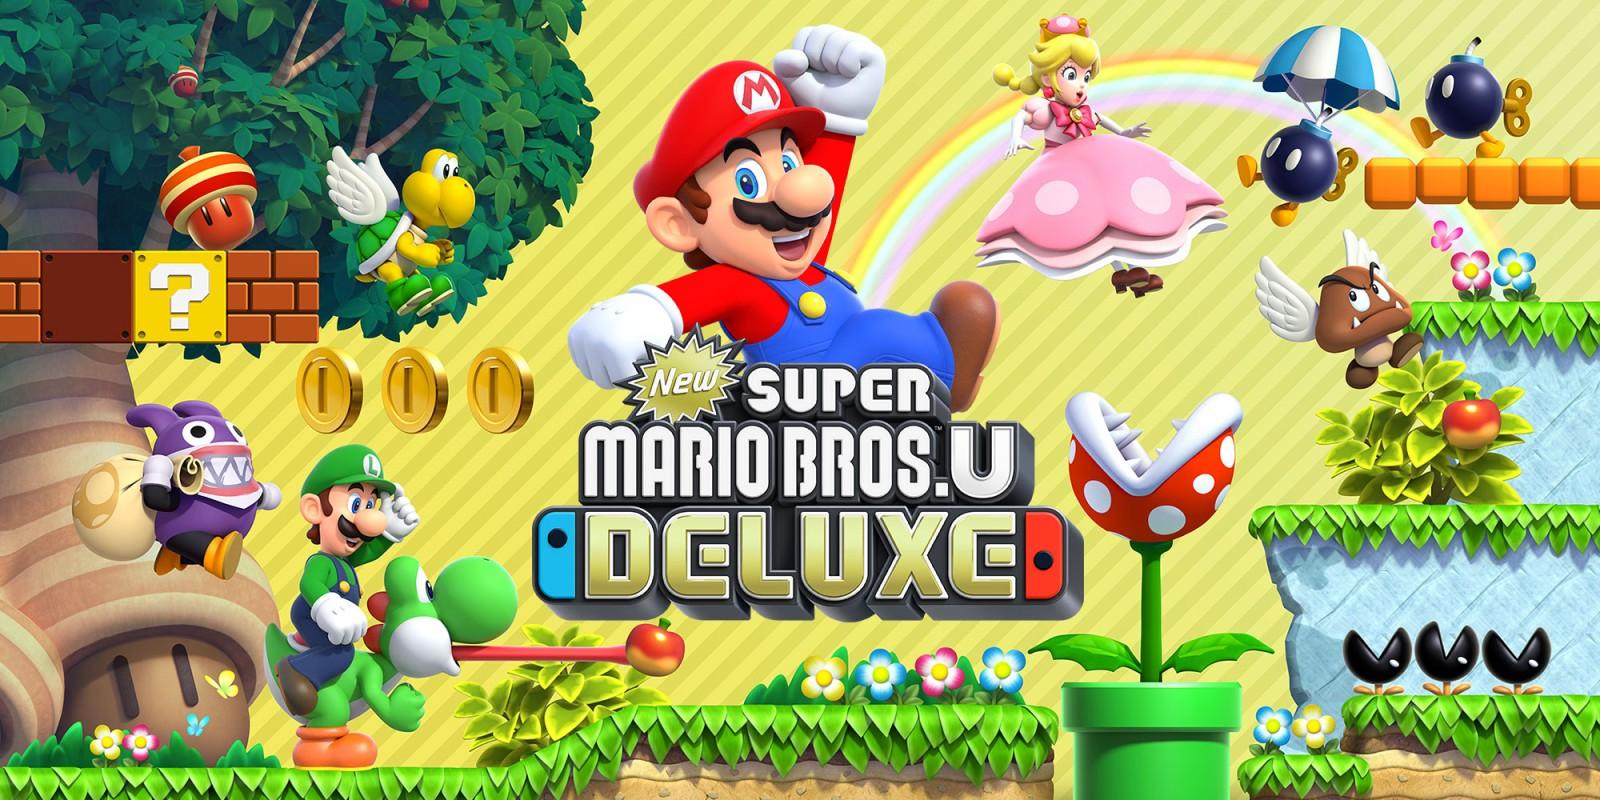 Il ritorno di Super Mario fa contenti i bambini di oggi e quelli degli anni '80